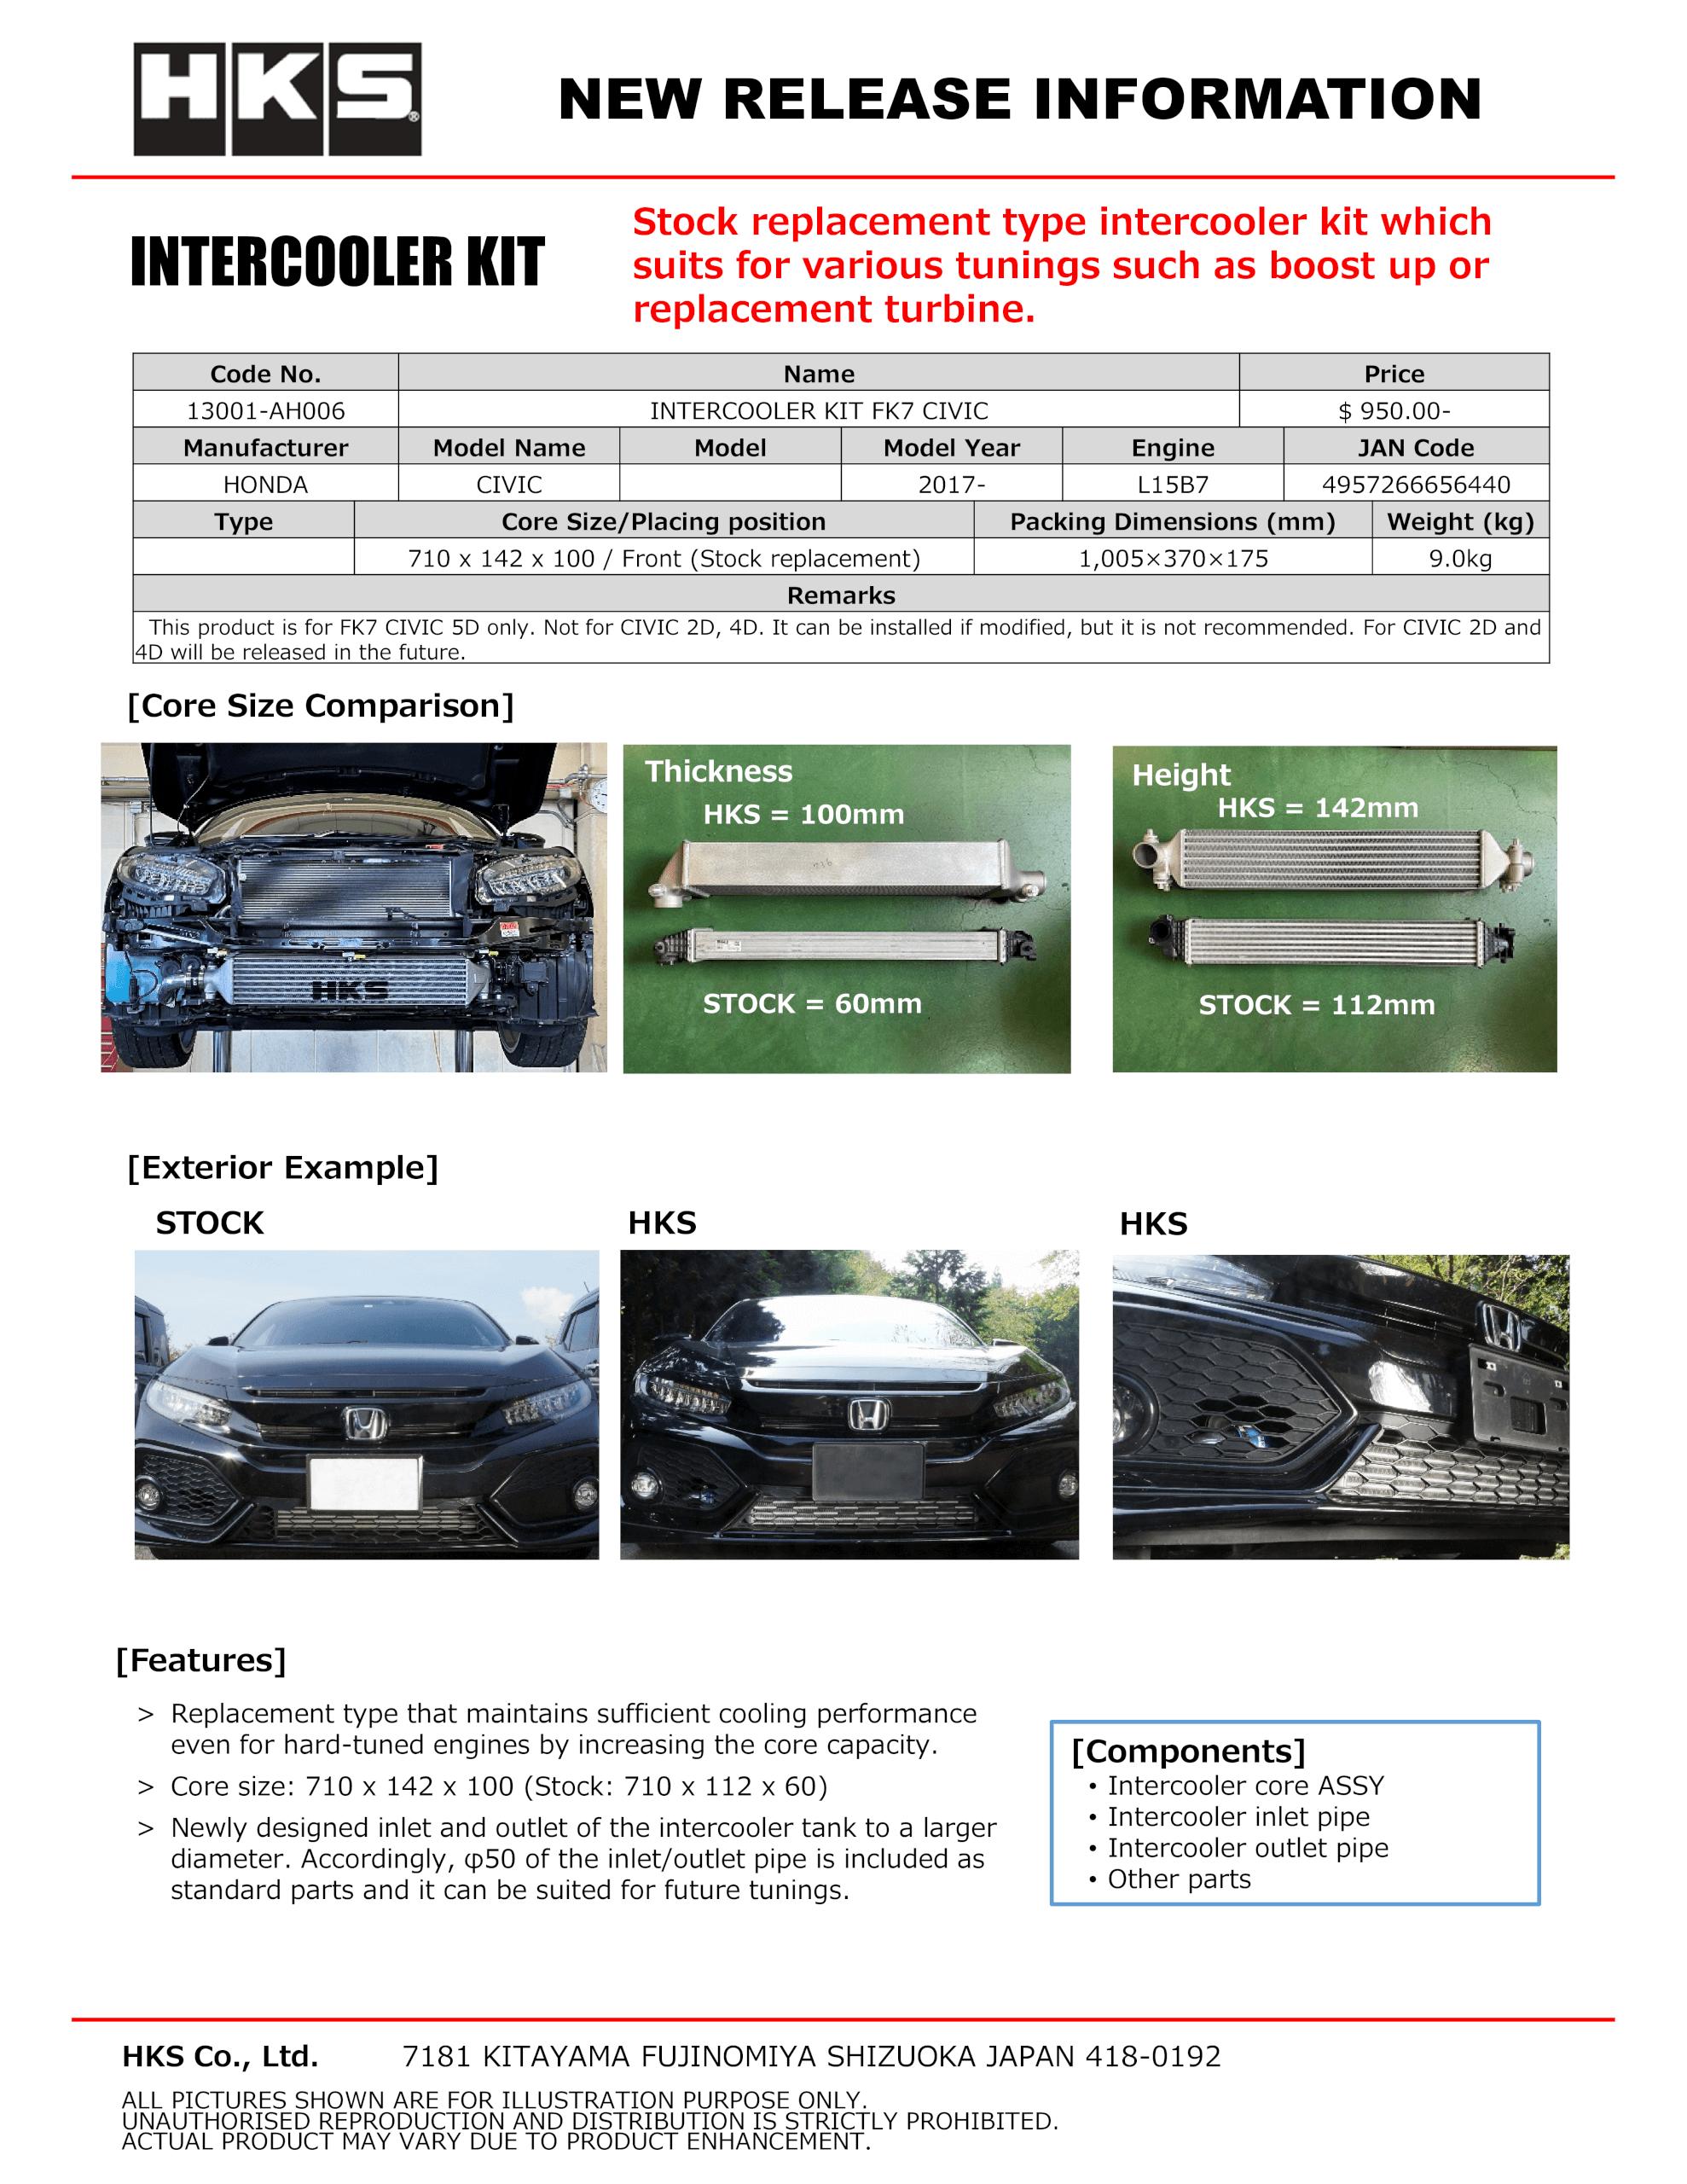 13001-AH006_INTERCOOLER KIT FK7 CIVIC-01.png